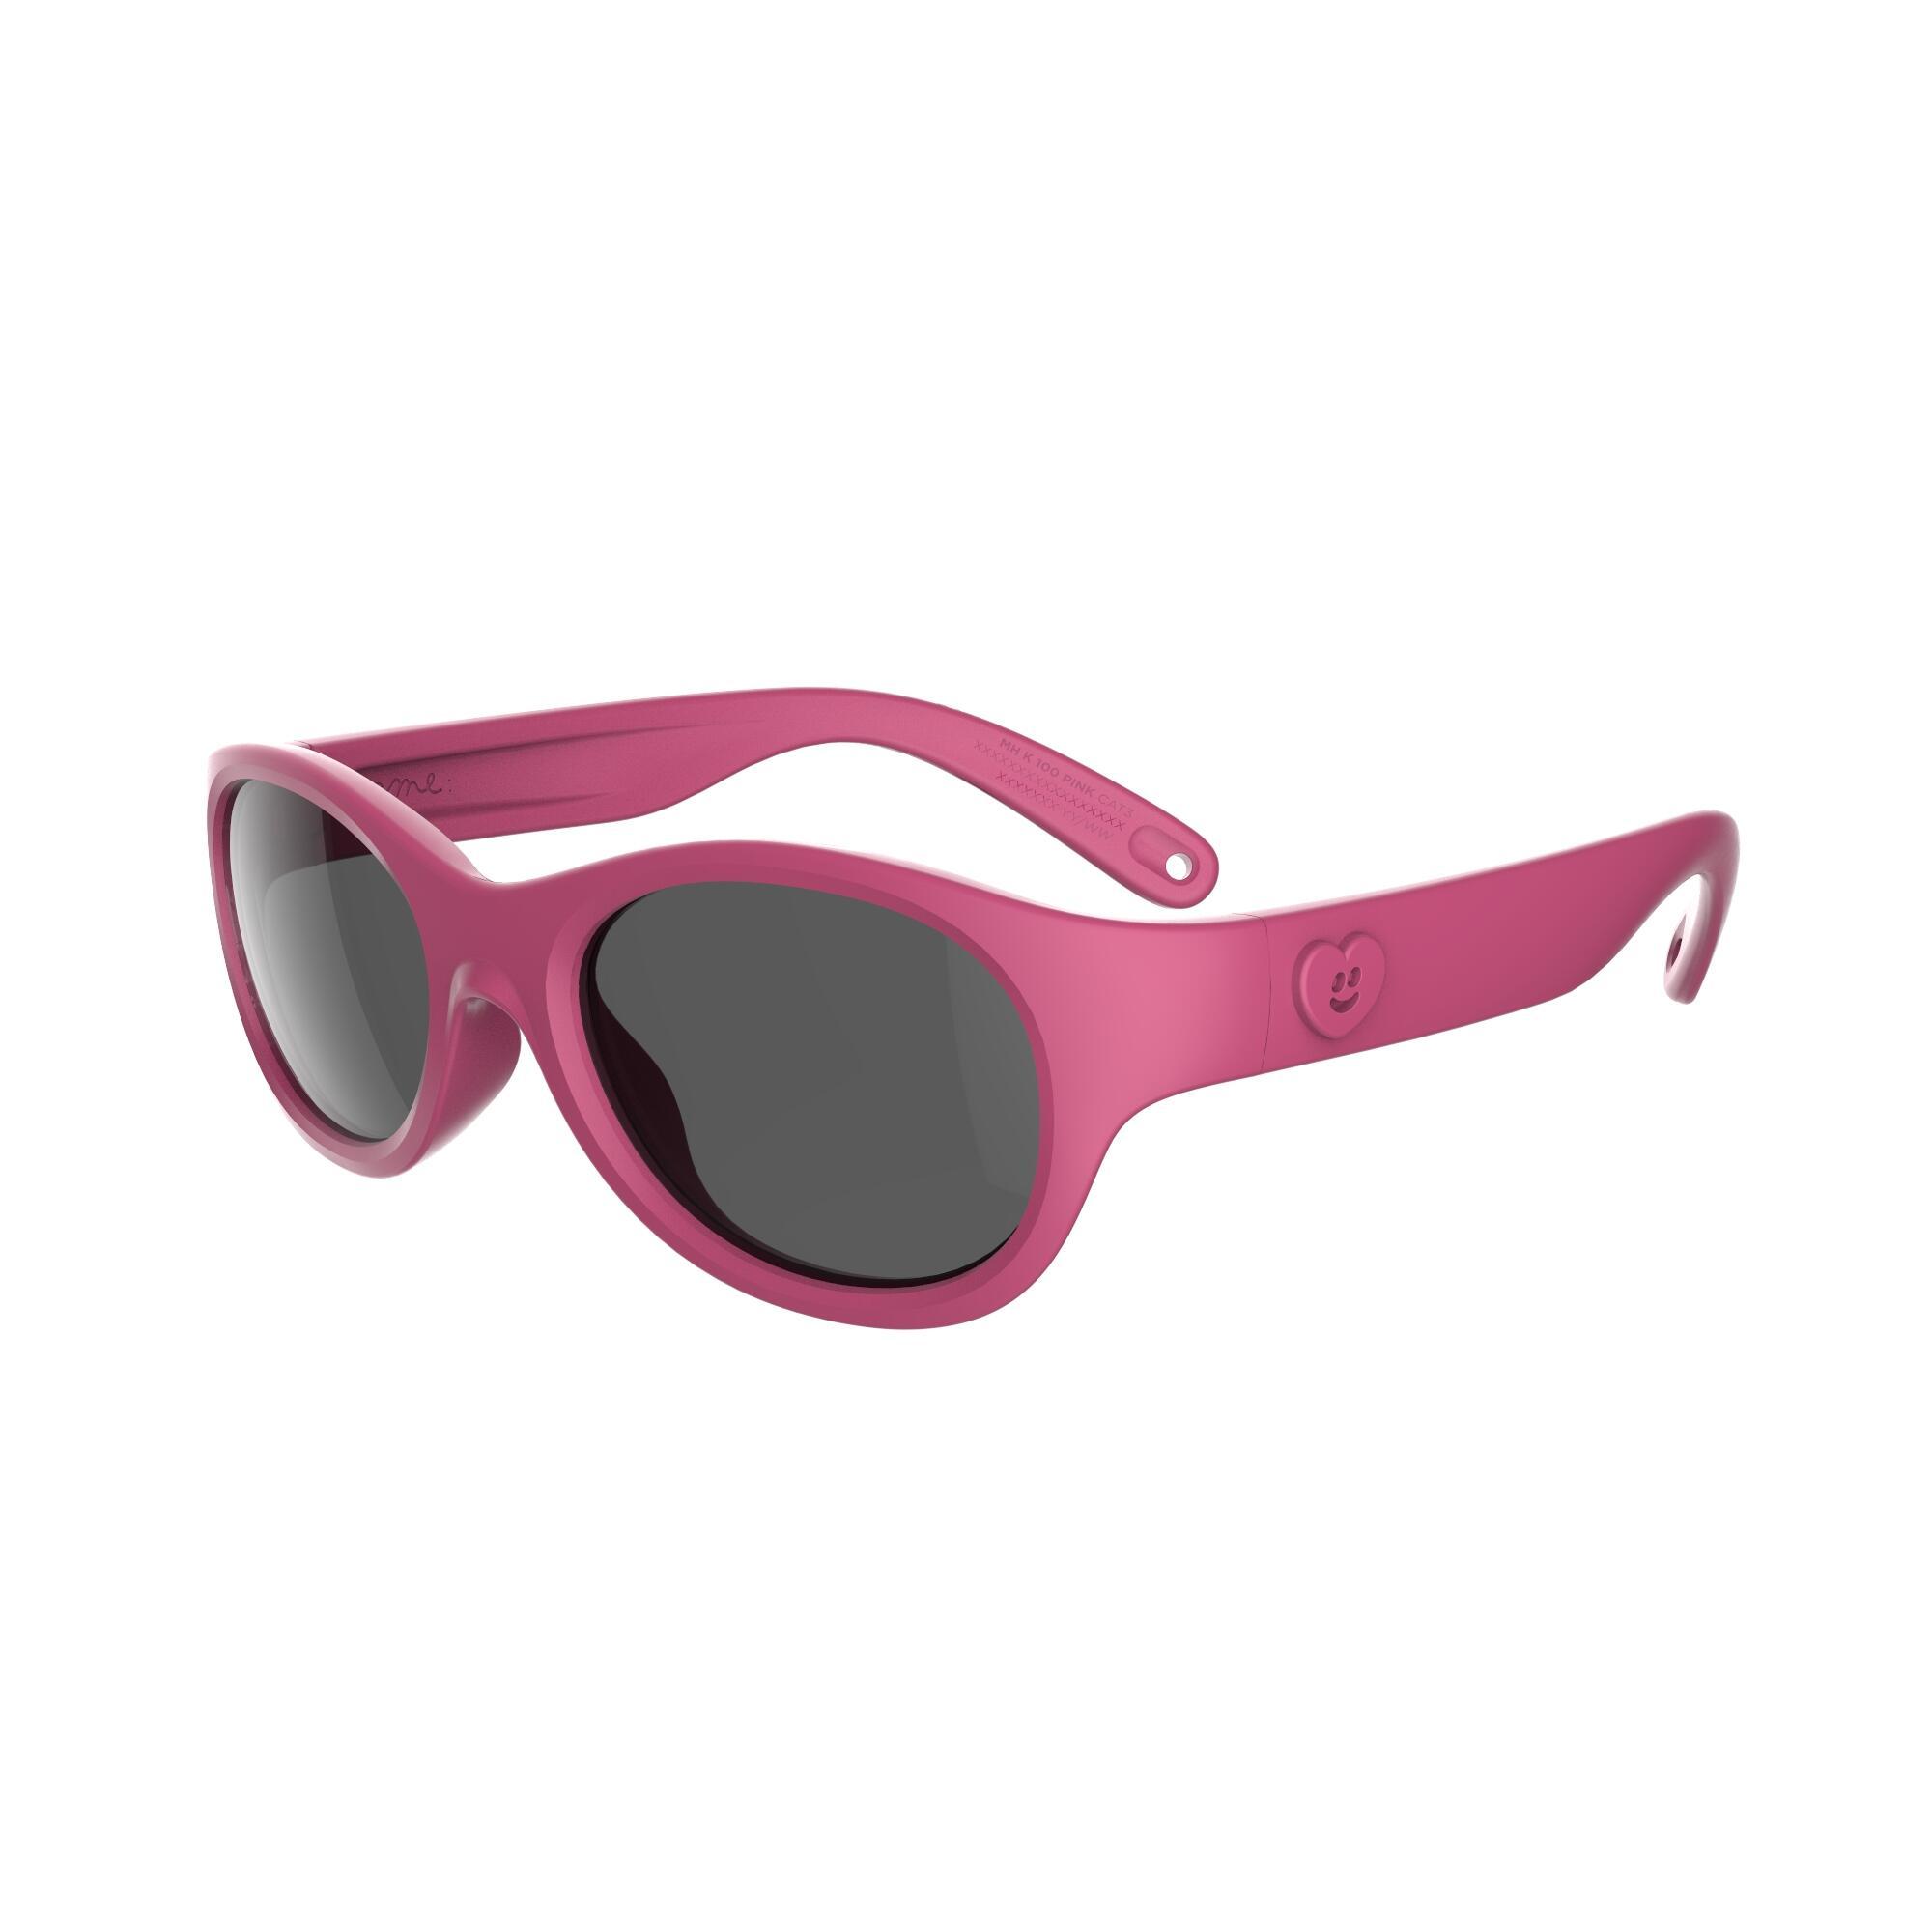 Gafas de sol de senderismo niños 2-4 años MH K 100 rosa categoría 3